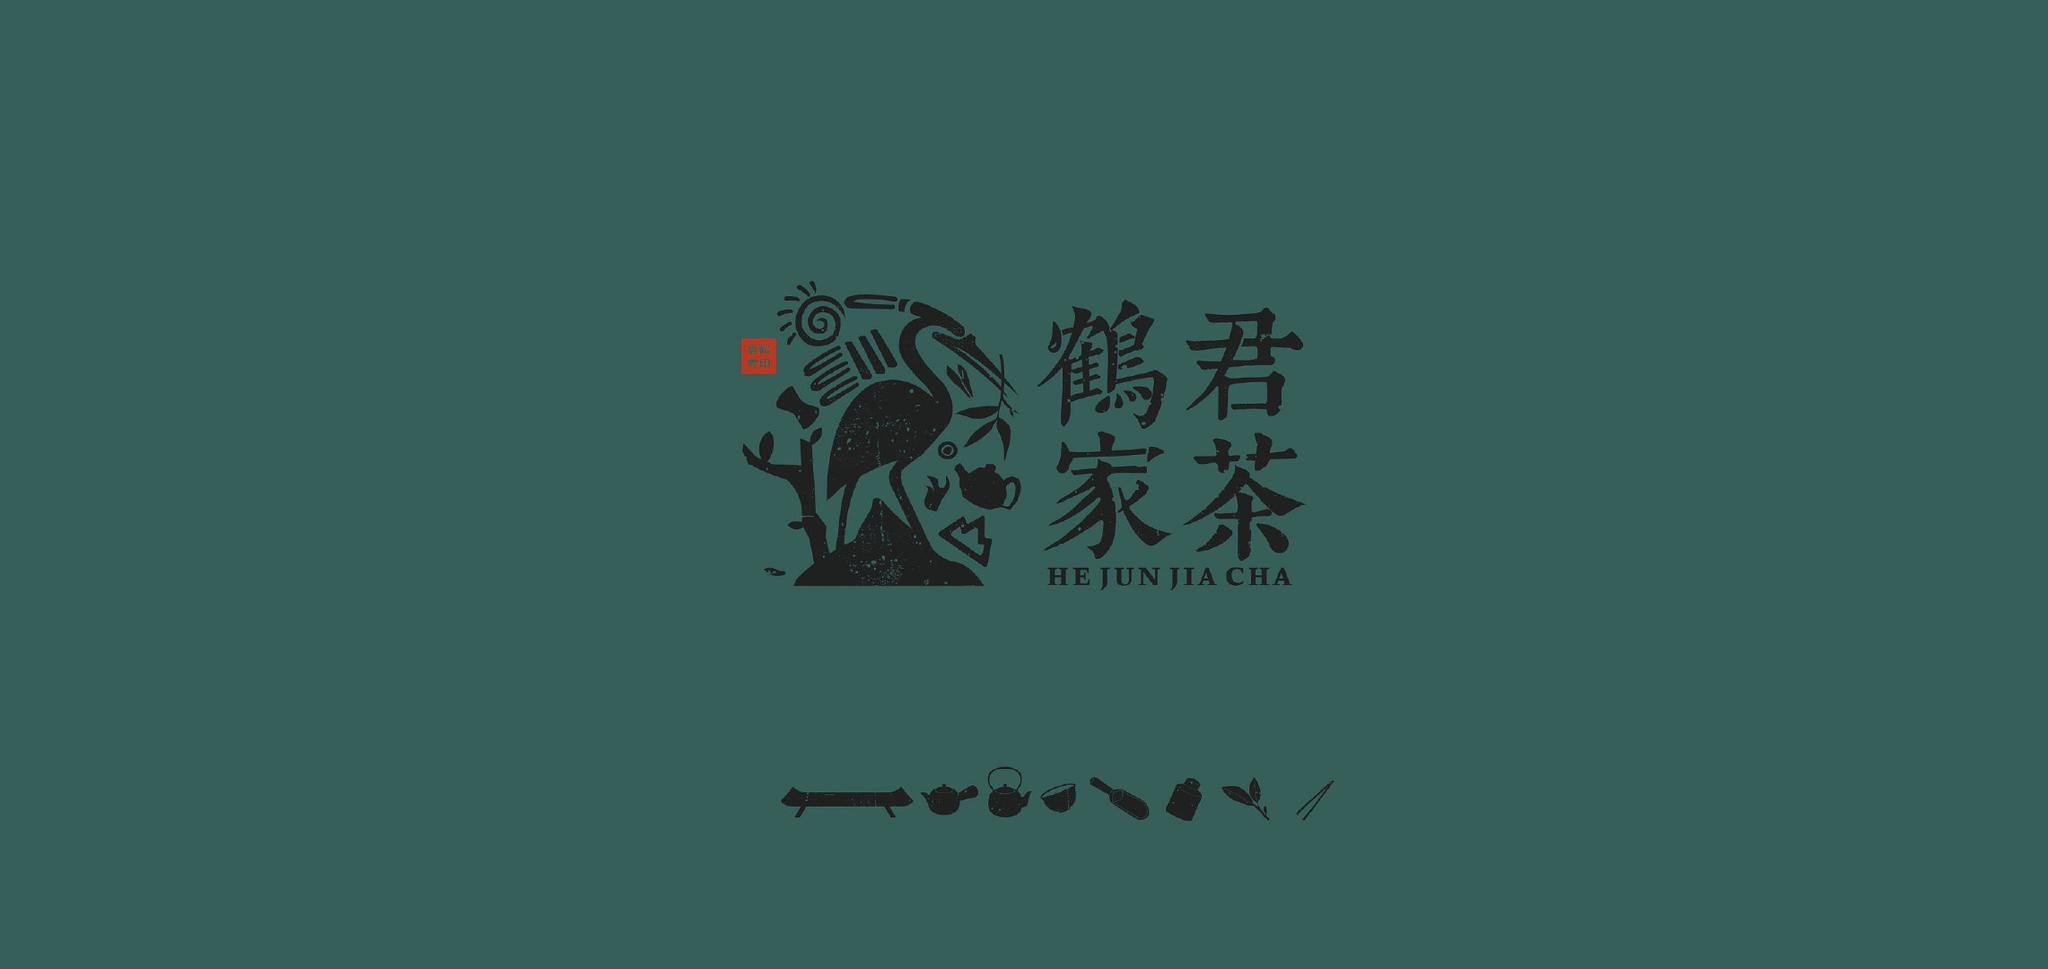 鹤君家茶 品牌设计-来自 万有引力品牌设计 作品